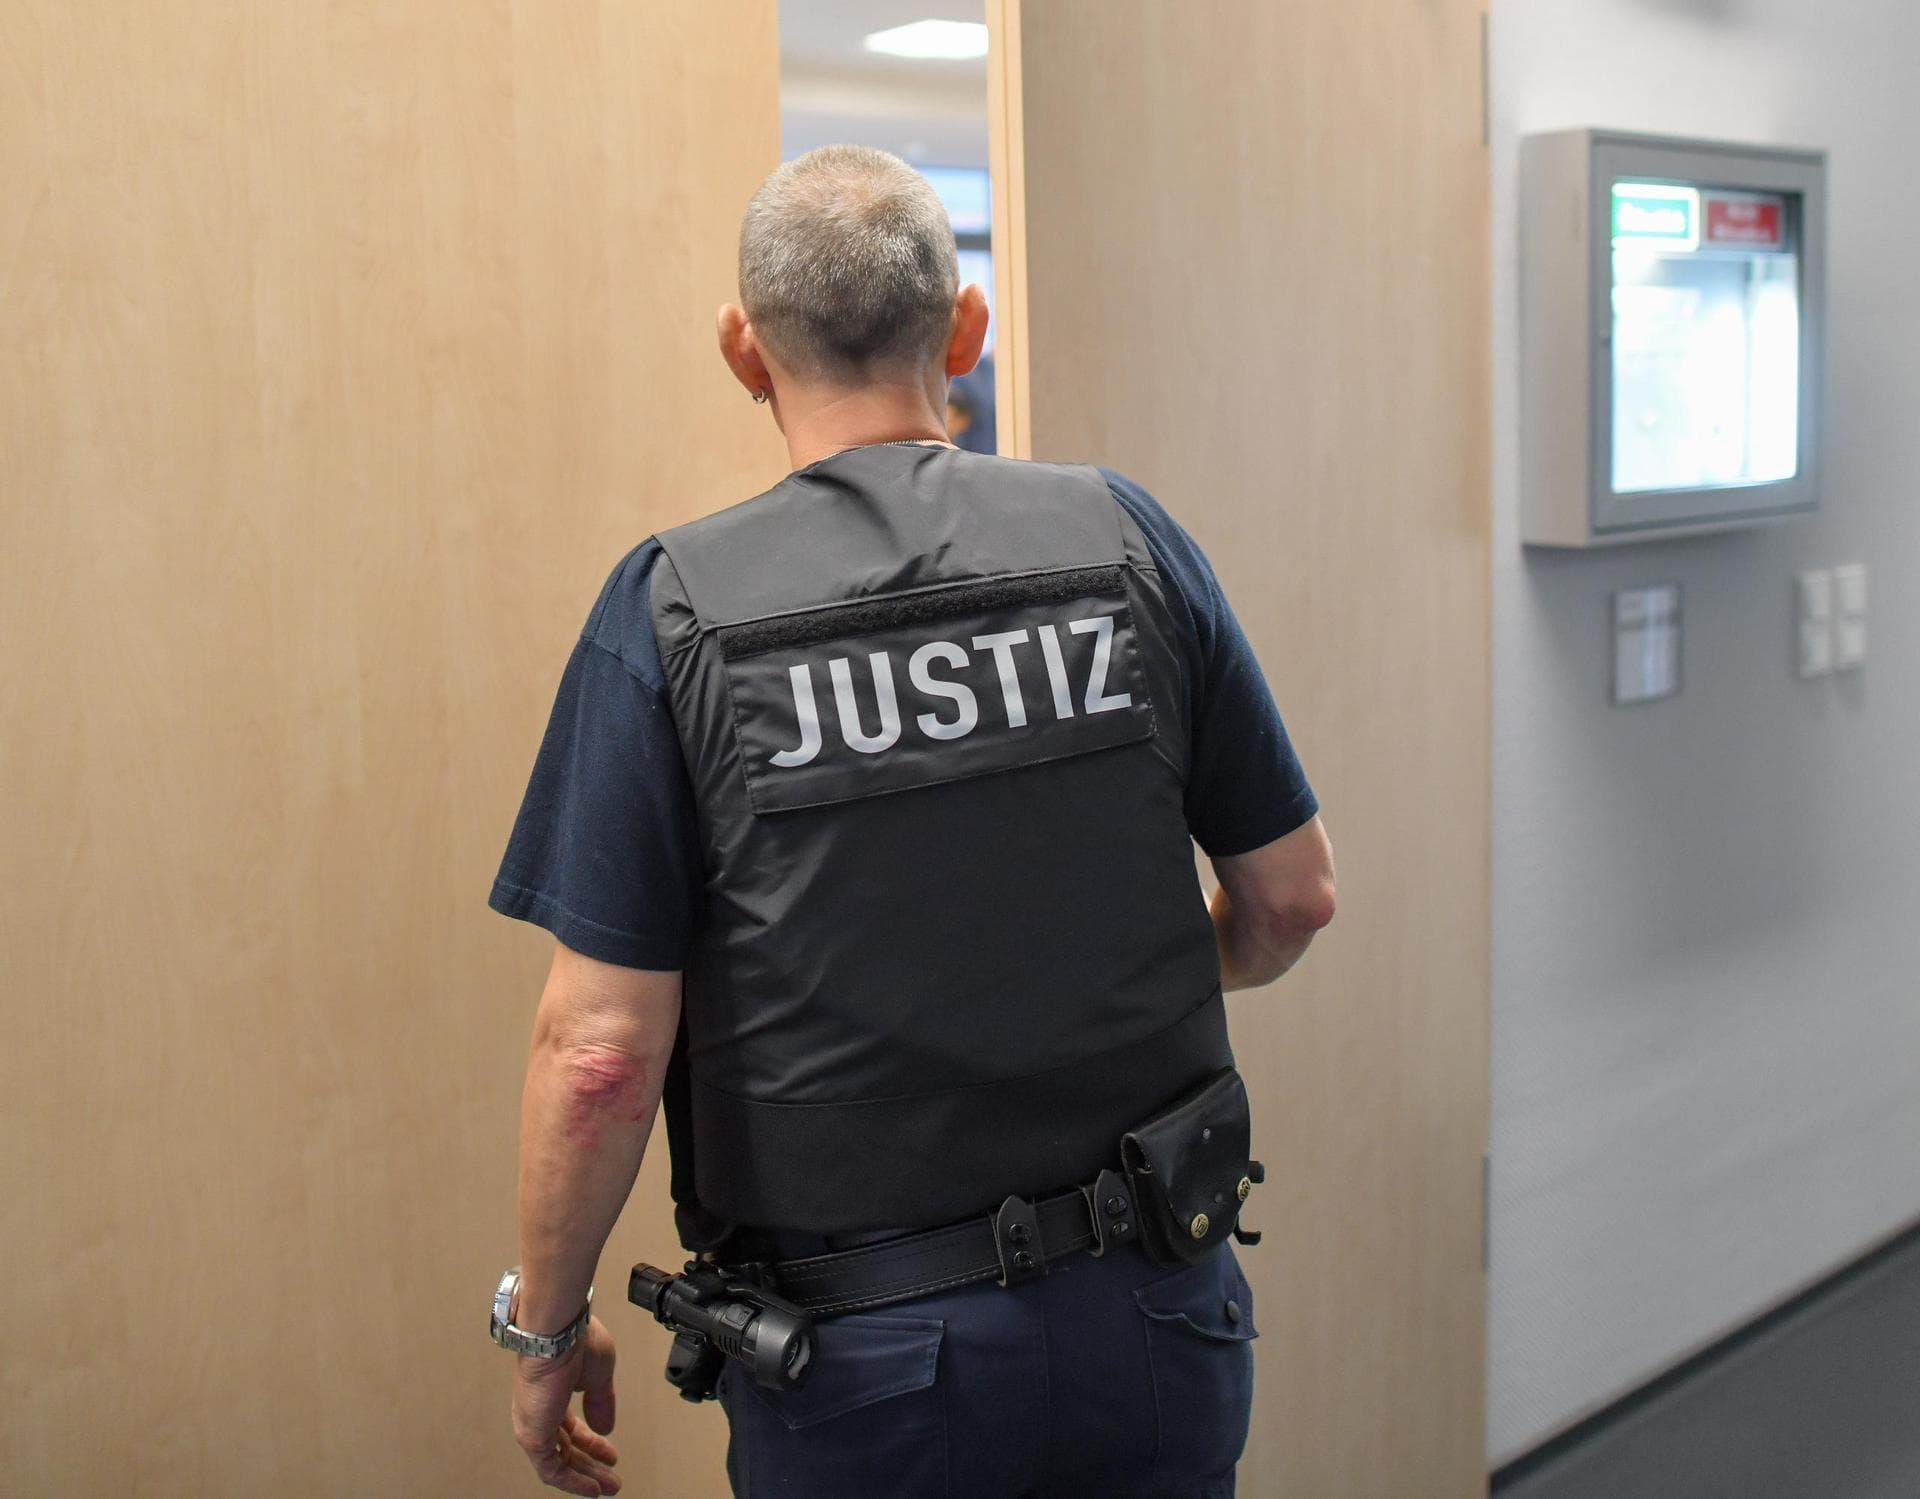 Mann nach Angriff auf SEK-Beamten verurteilt Landgericht Regensburg